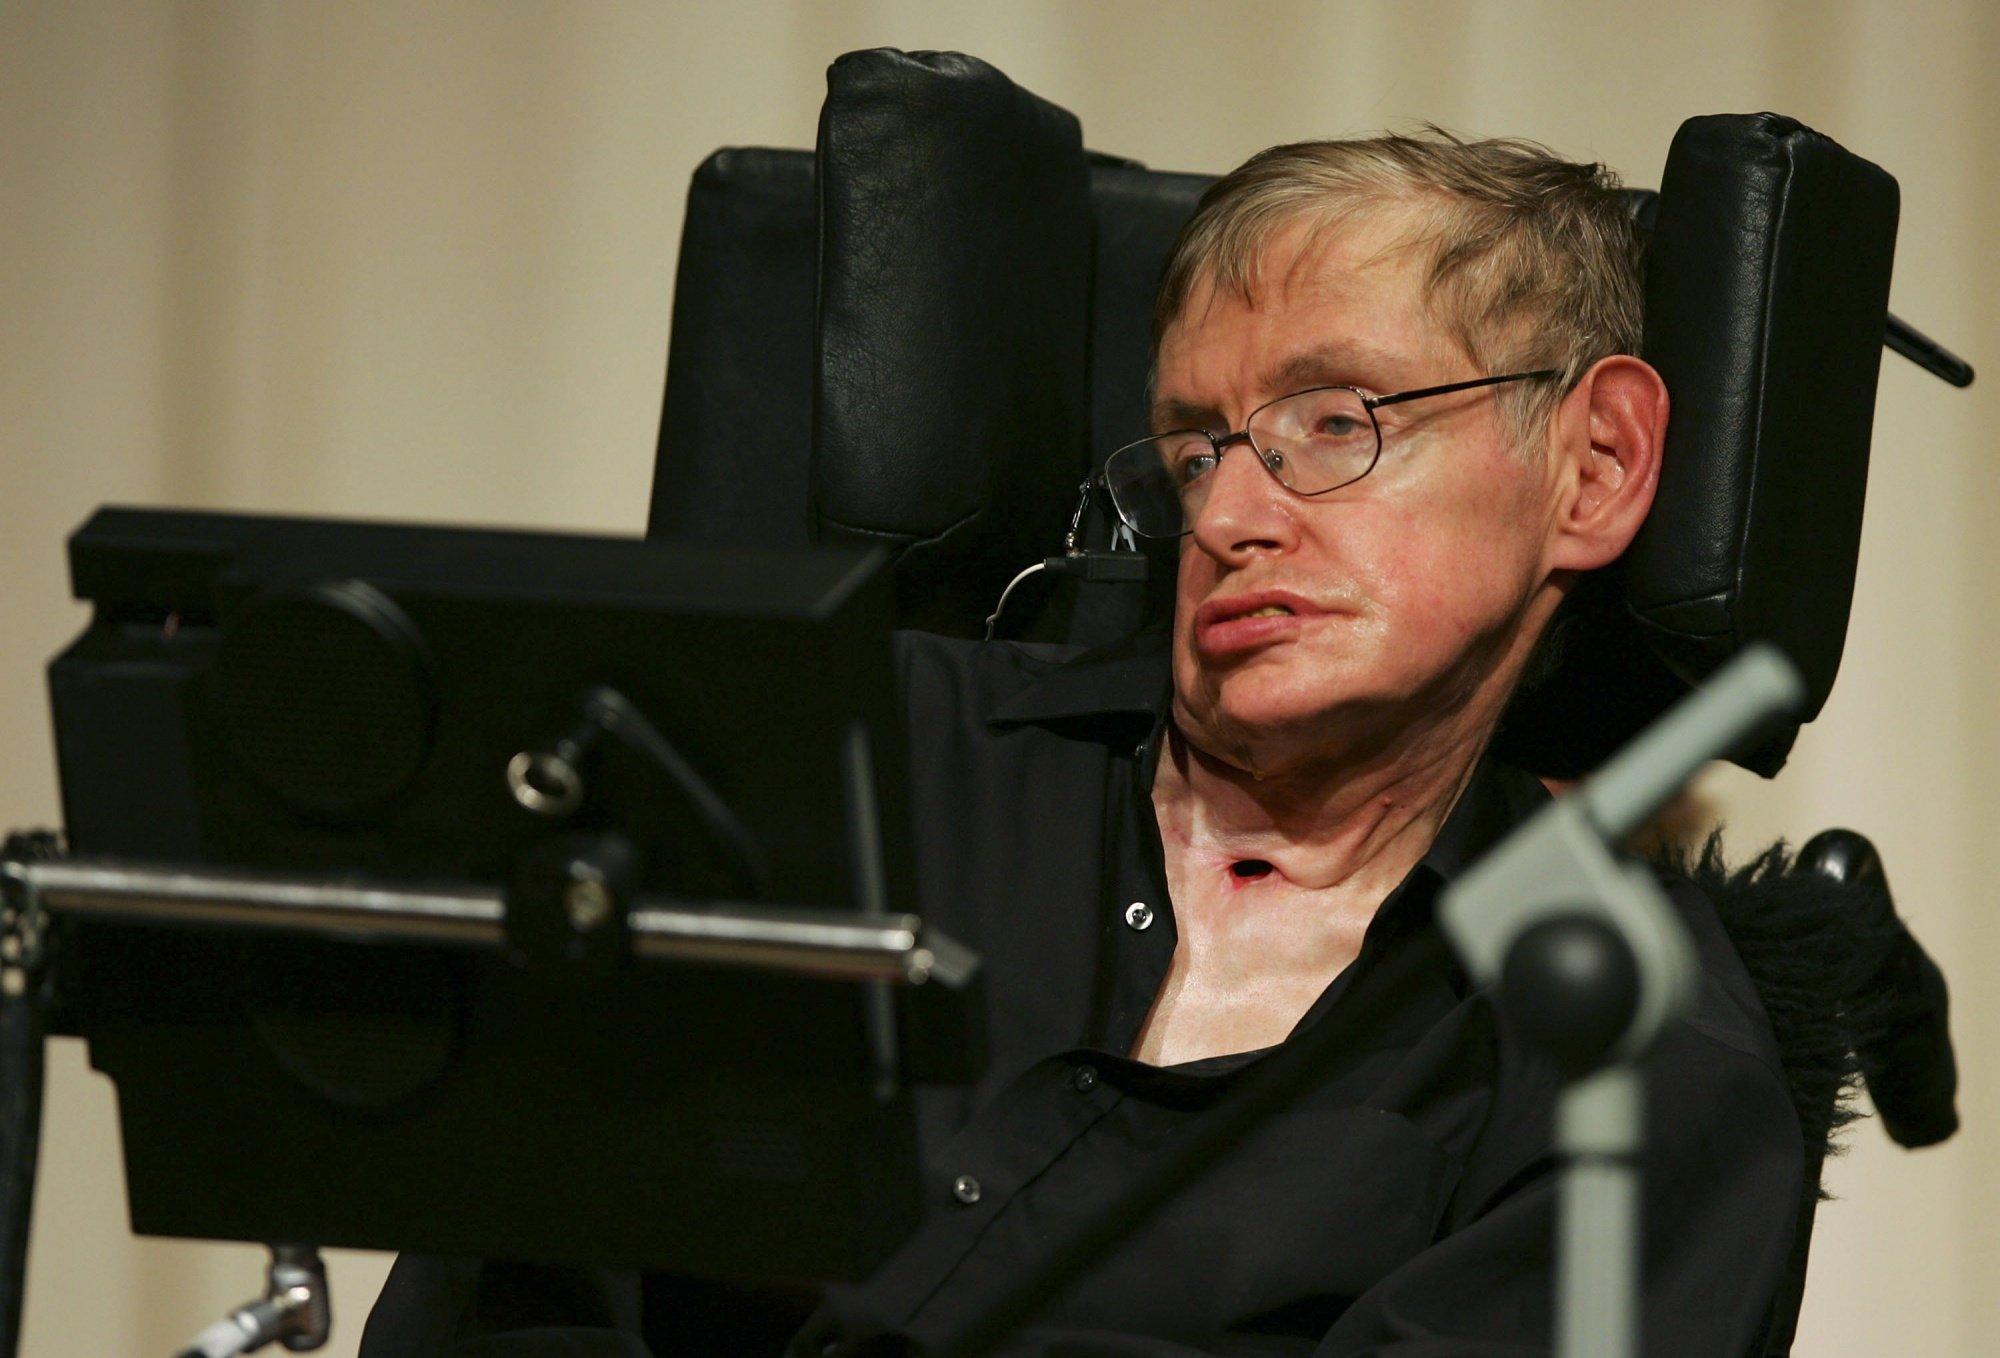 Наука Техника  Кембридж выложил докторскую диссертацию Хокинга в открытый доступ